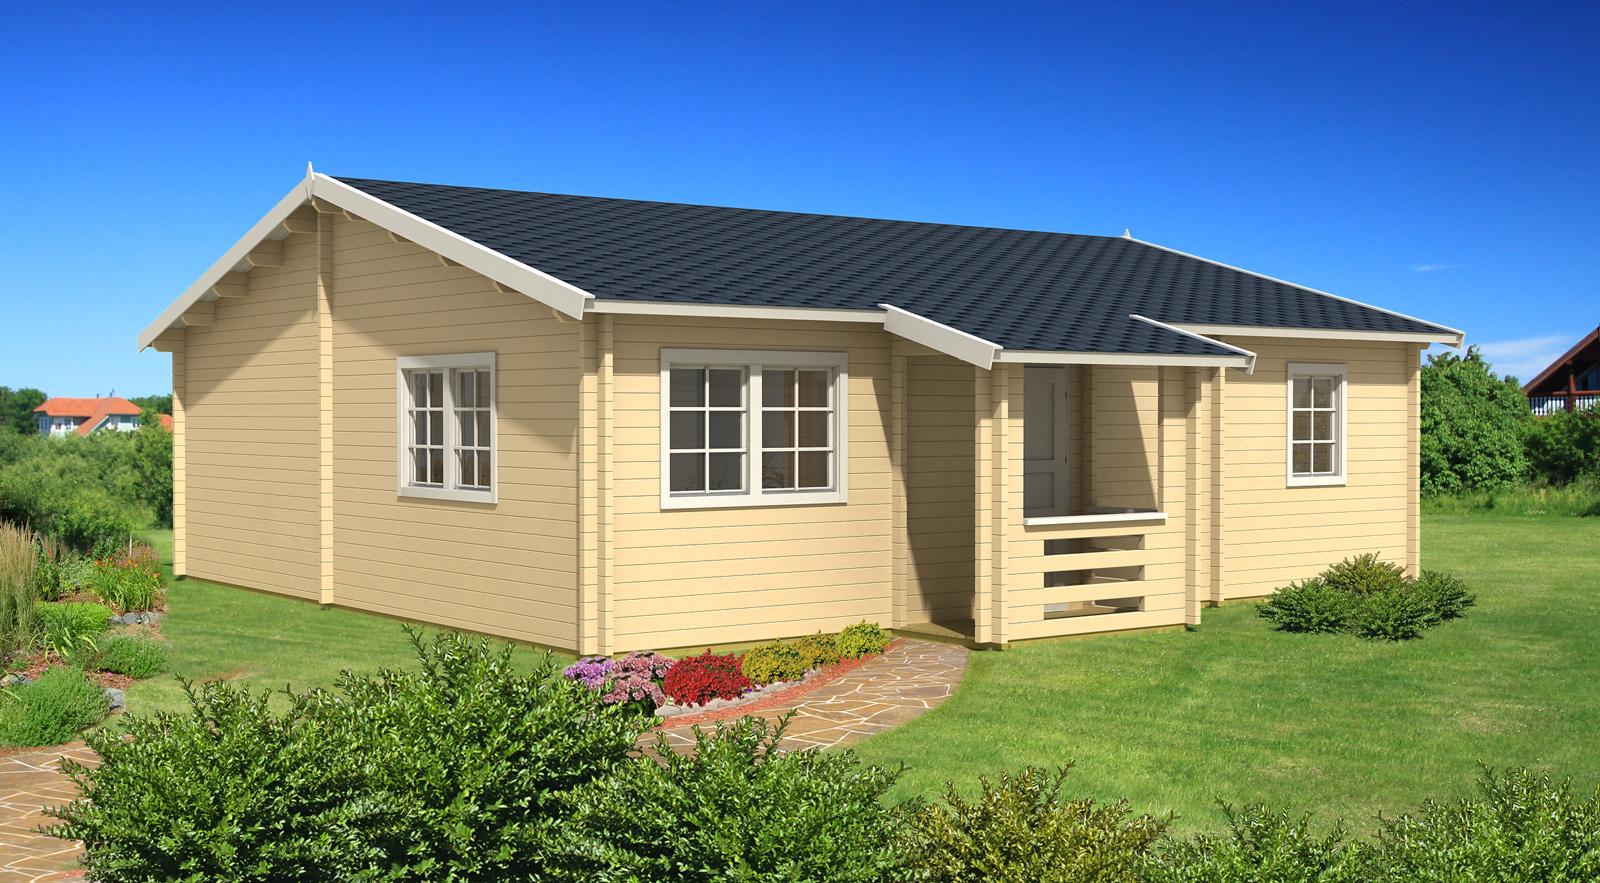 S lund huse se bj lkehuse priser og vores store udvalg p for Sip house cost